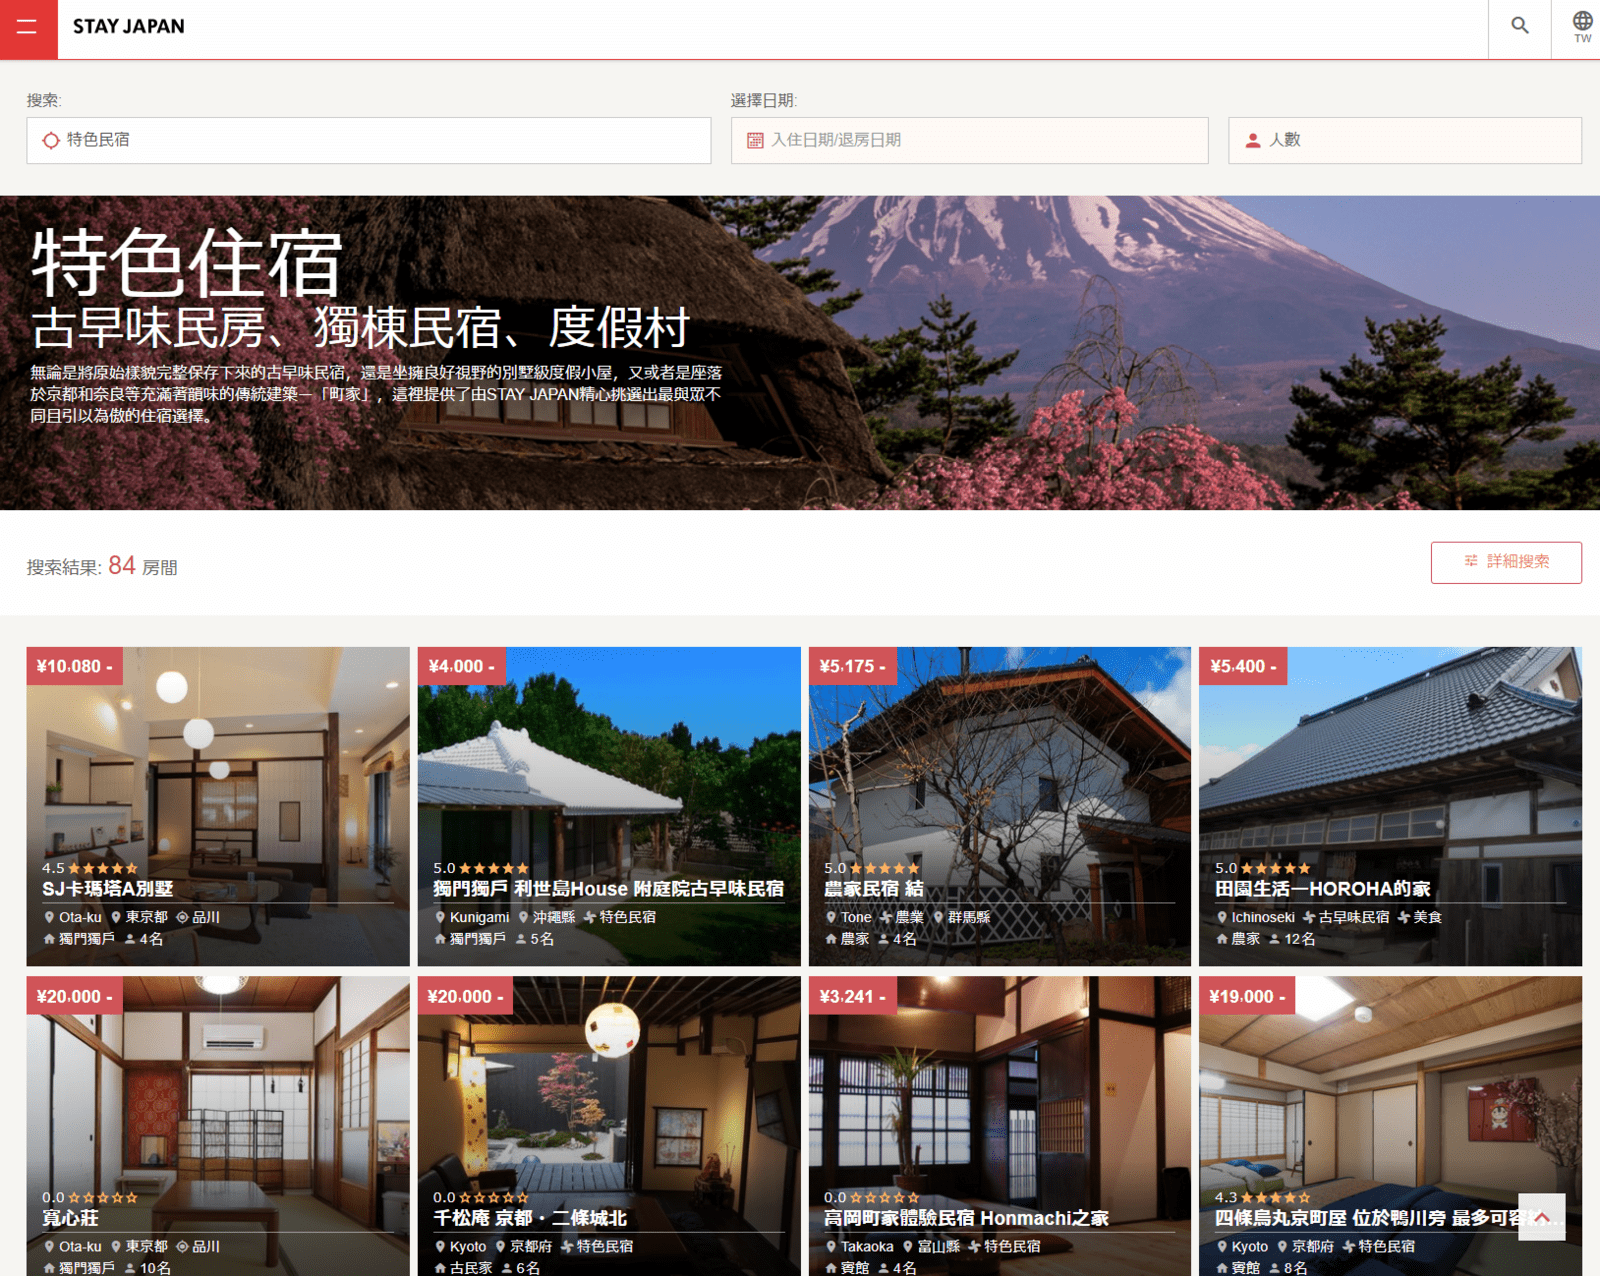 日本民宿預約 StayJapan 新增中文版 Airbnb之外又一選擇